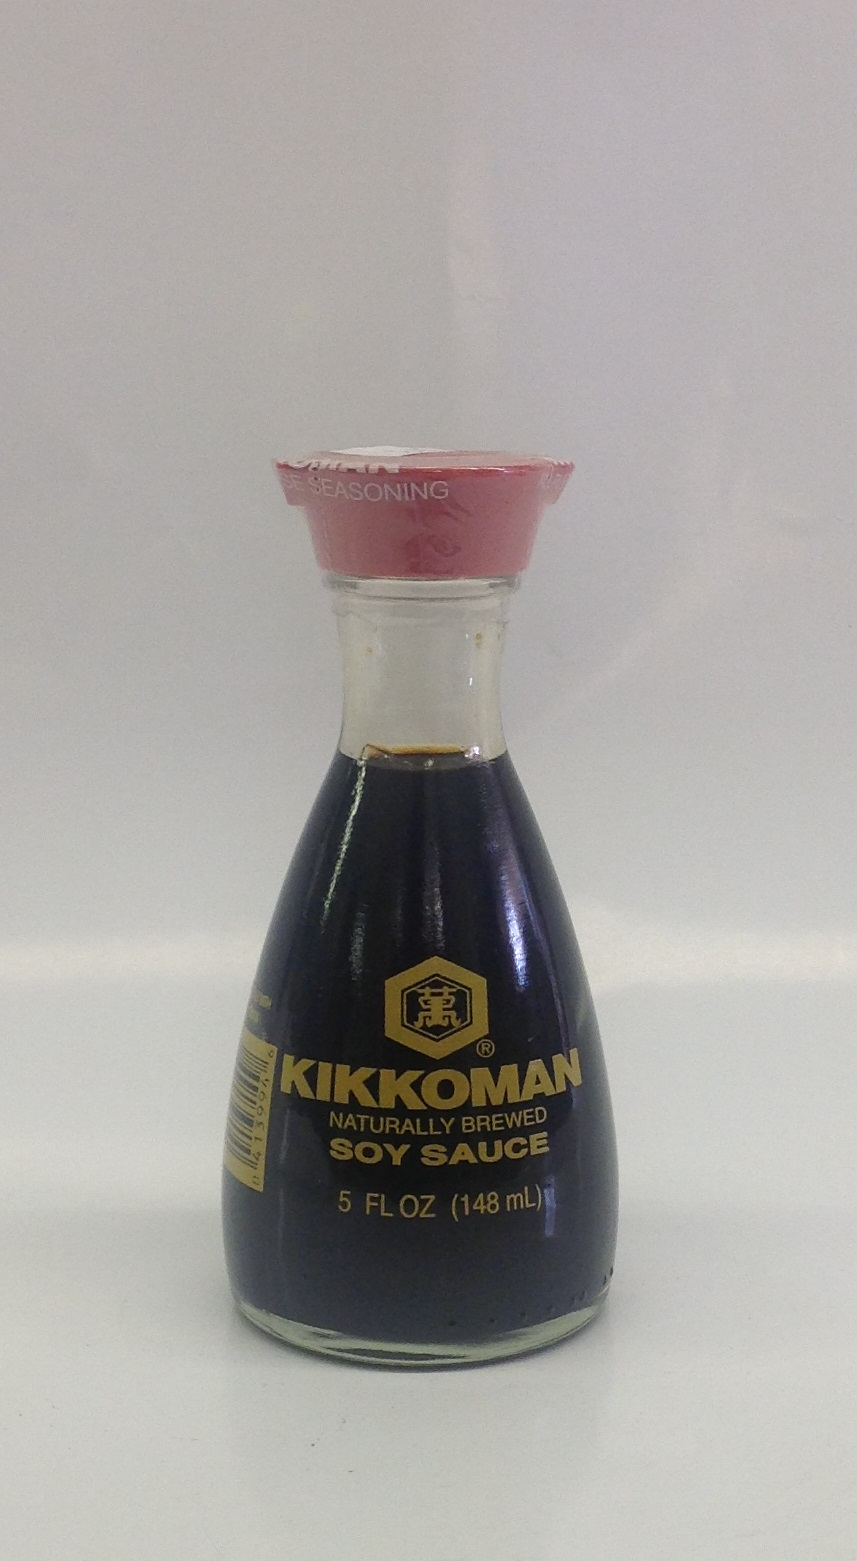 Soy Sauce   Kikkoman   SA14100 12x5 oz